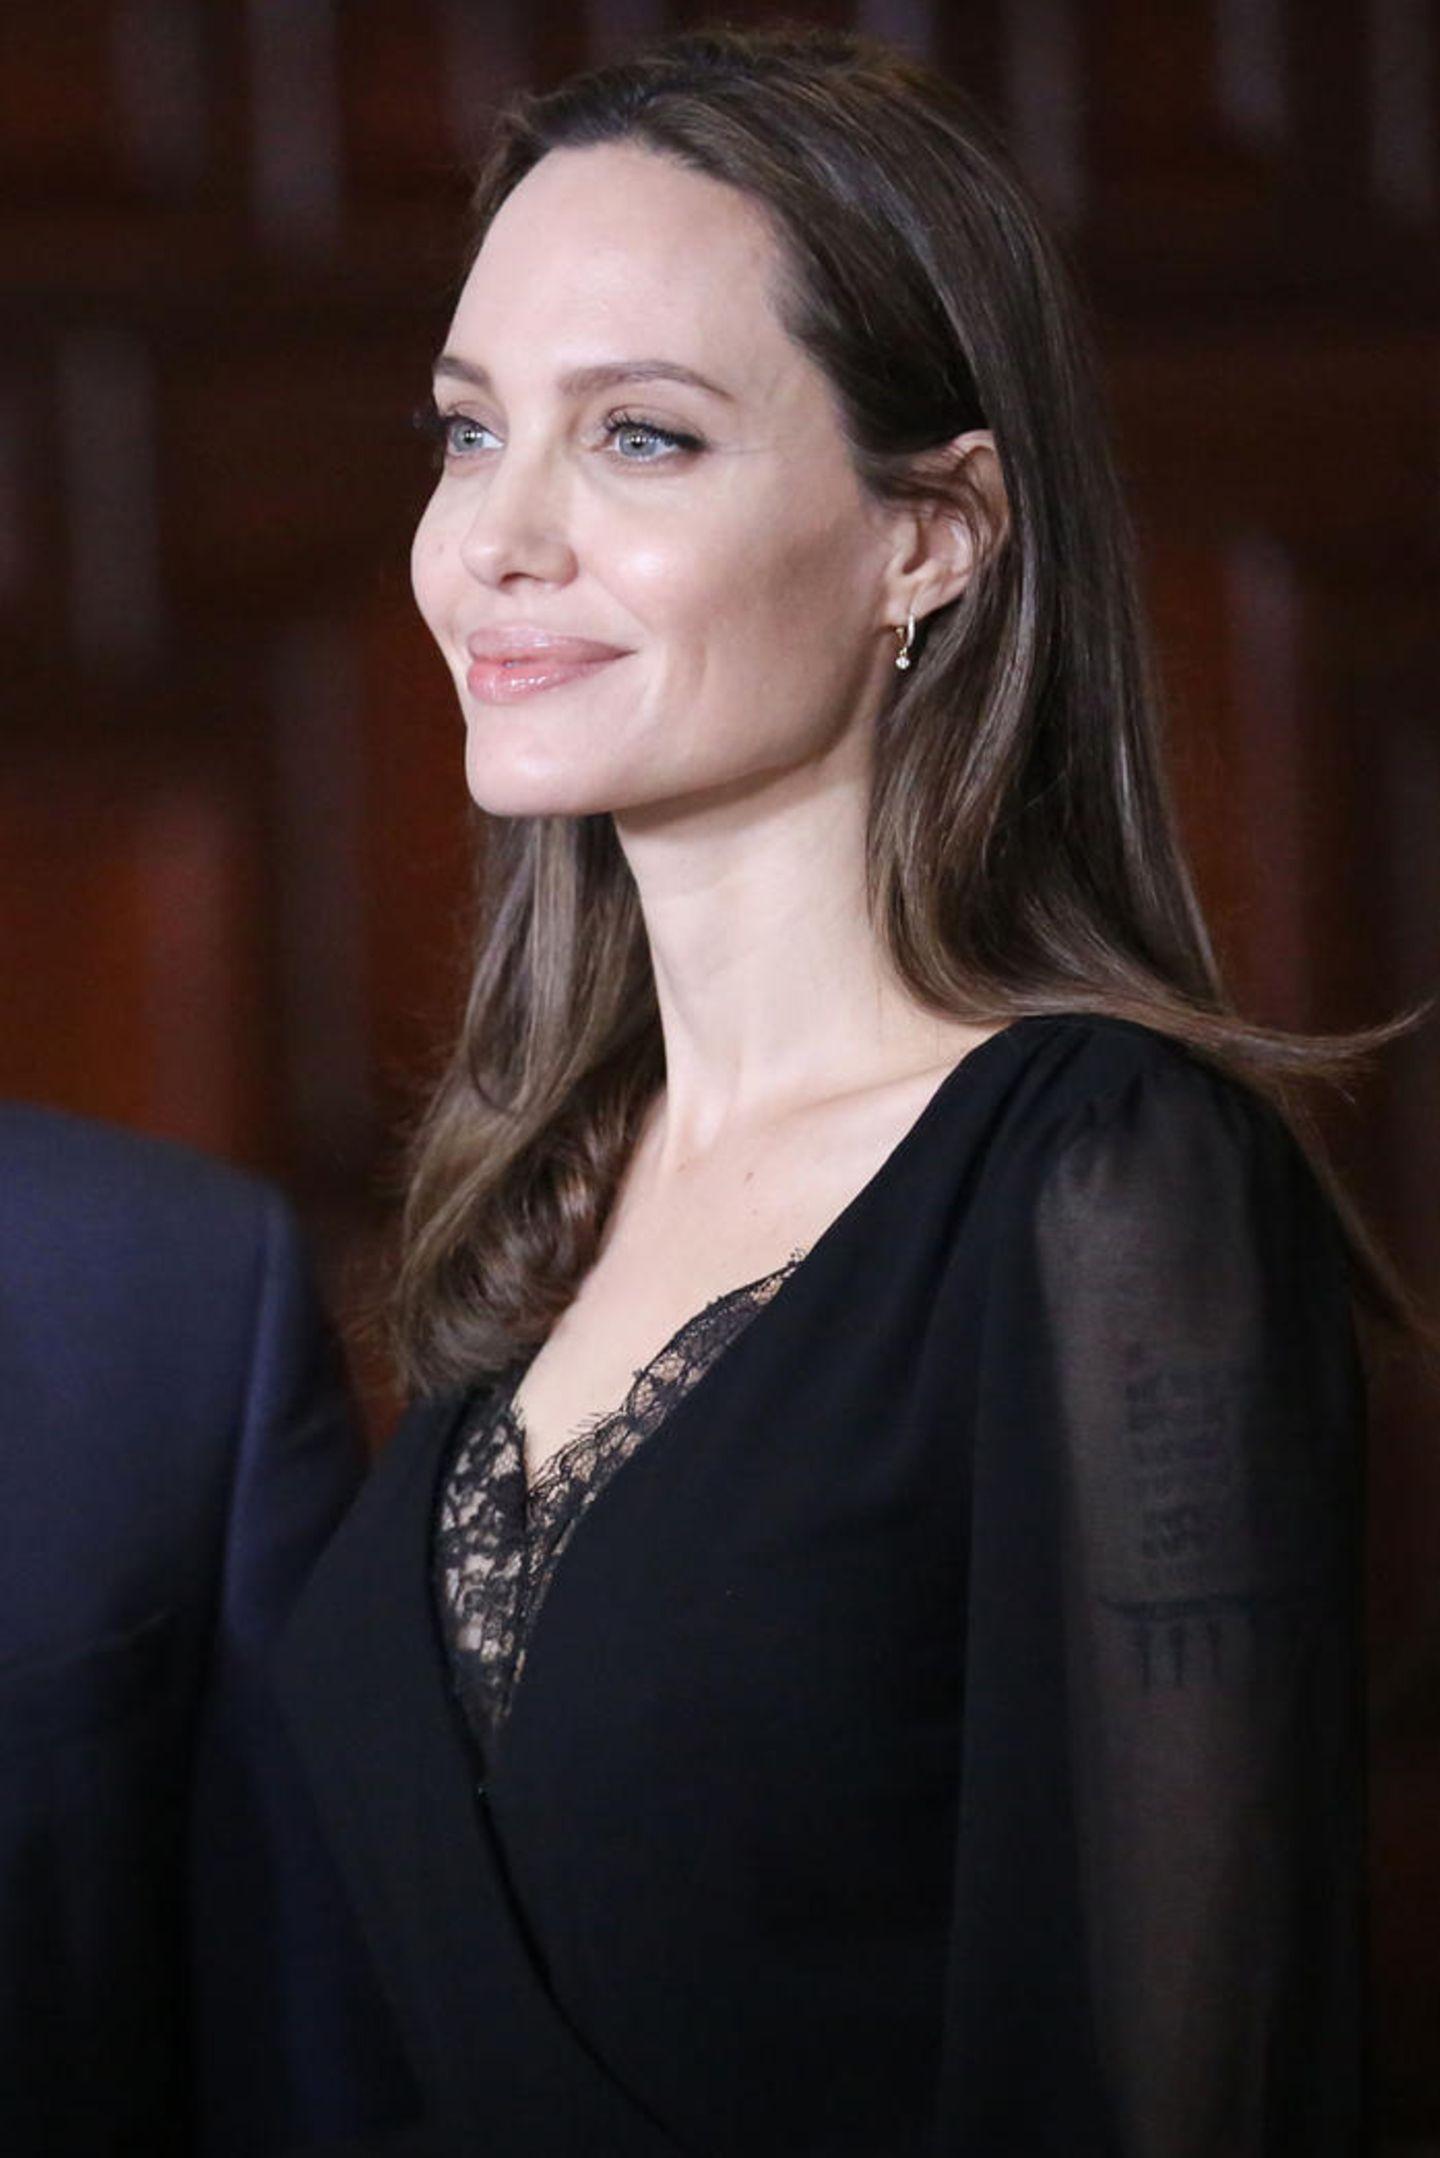 In ihrer Rolle als Sondergesandte derHochkommissar UNHCR stattet Schauspielerin Angelina Jolie Peru einen Staatsbesuch ab, um dort venezolanische Flüchtlinge zu treffen, die aus ihrer krisengeschüttelten Heimat fliehen mussten. Bei einem Treffen mit Ministerpräsident Nestor Popolizio zeigt sie sich in einem eleganten, schwarzen Kleid mit raffinierten Details.